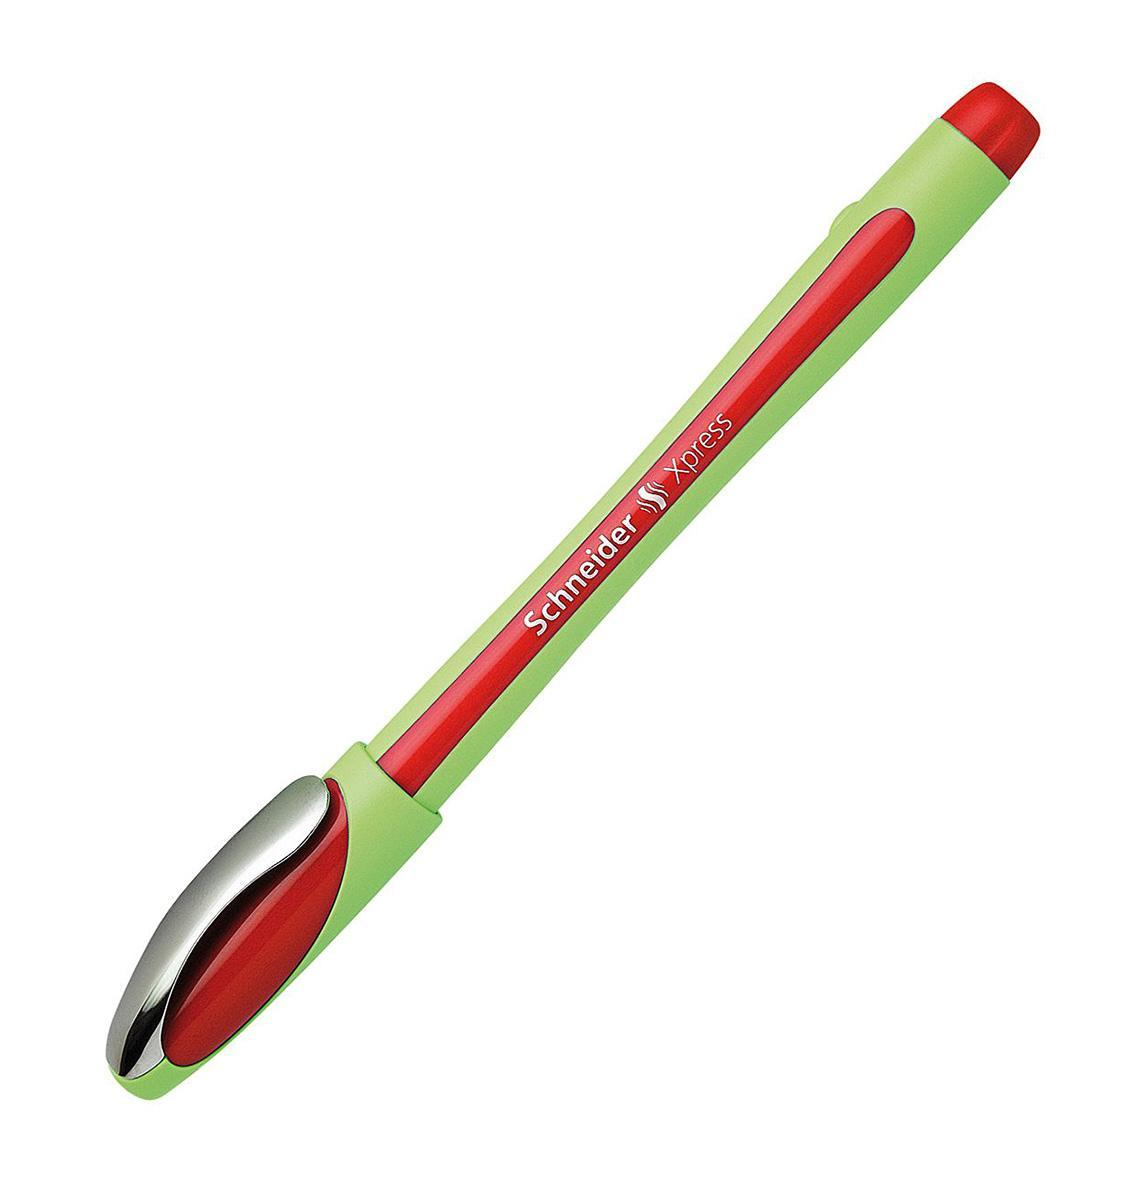 Ручка капиллярная XPRESS; 0,8 мм, красный цвет чернил.S900/02 S900-01/2